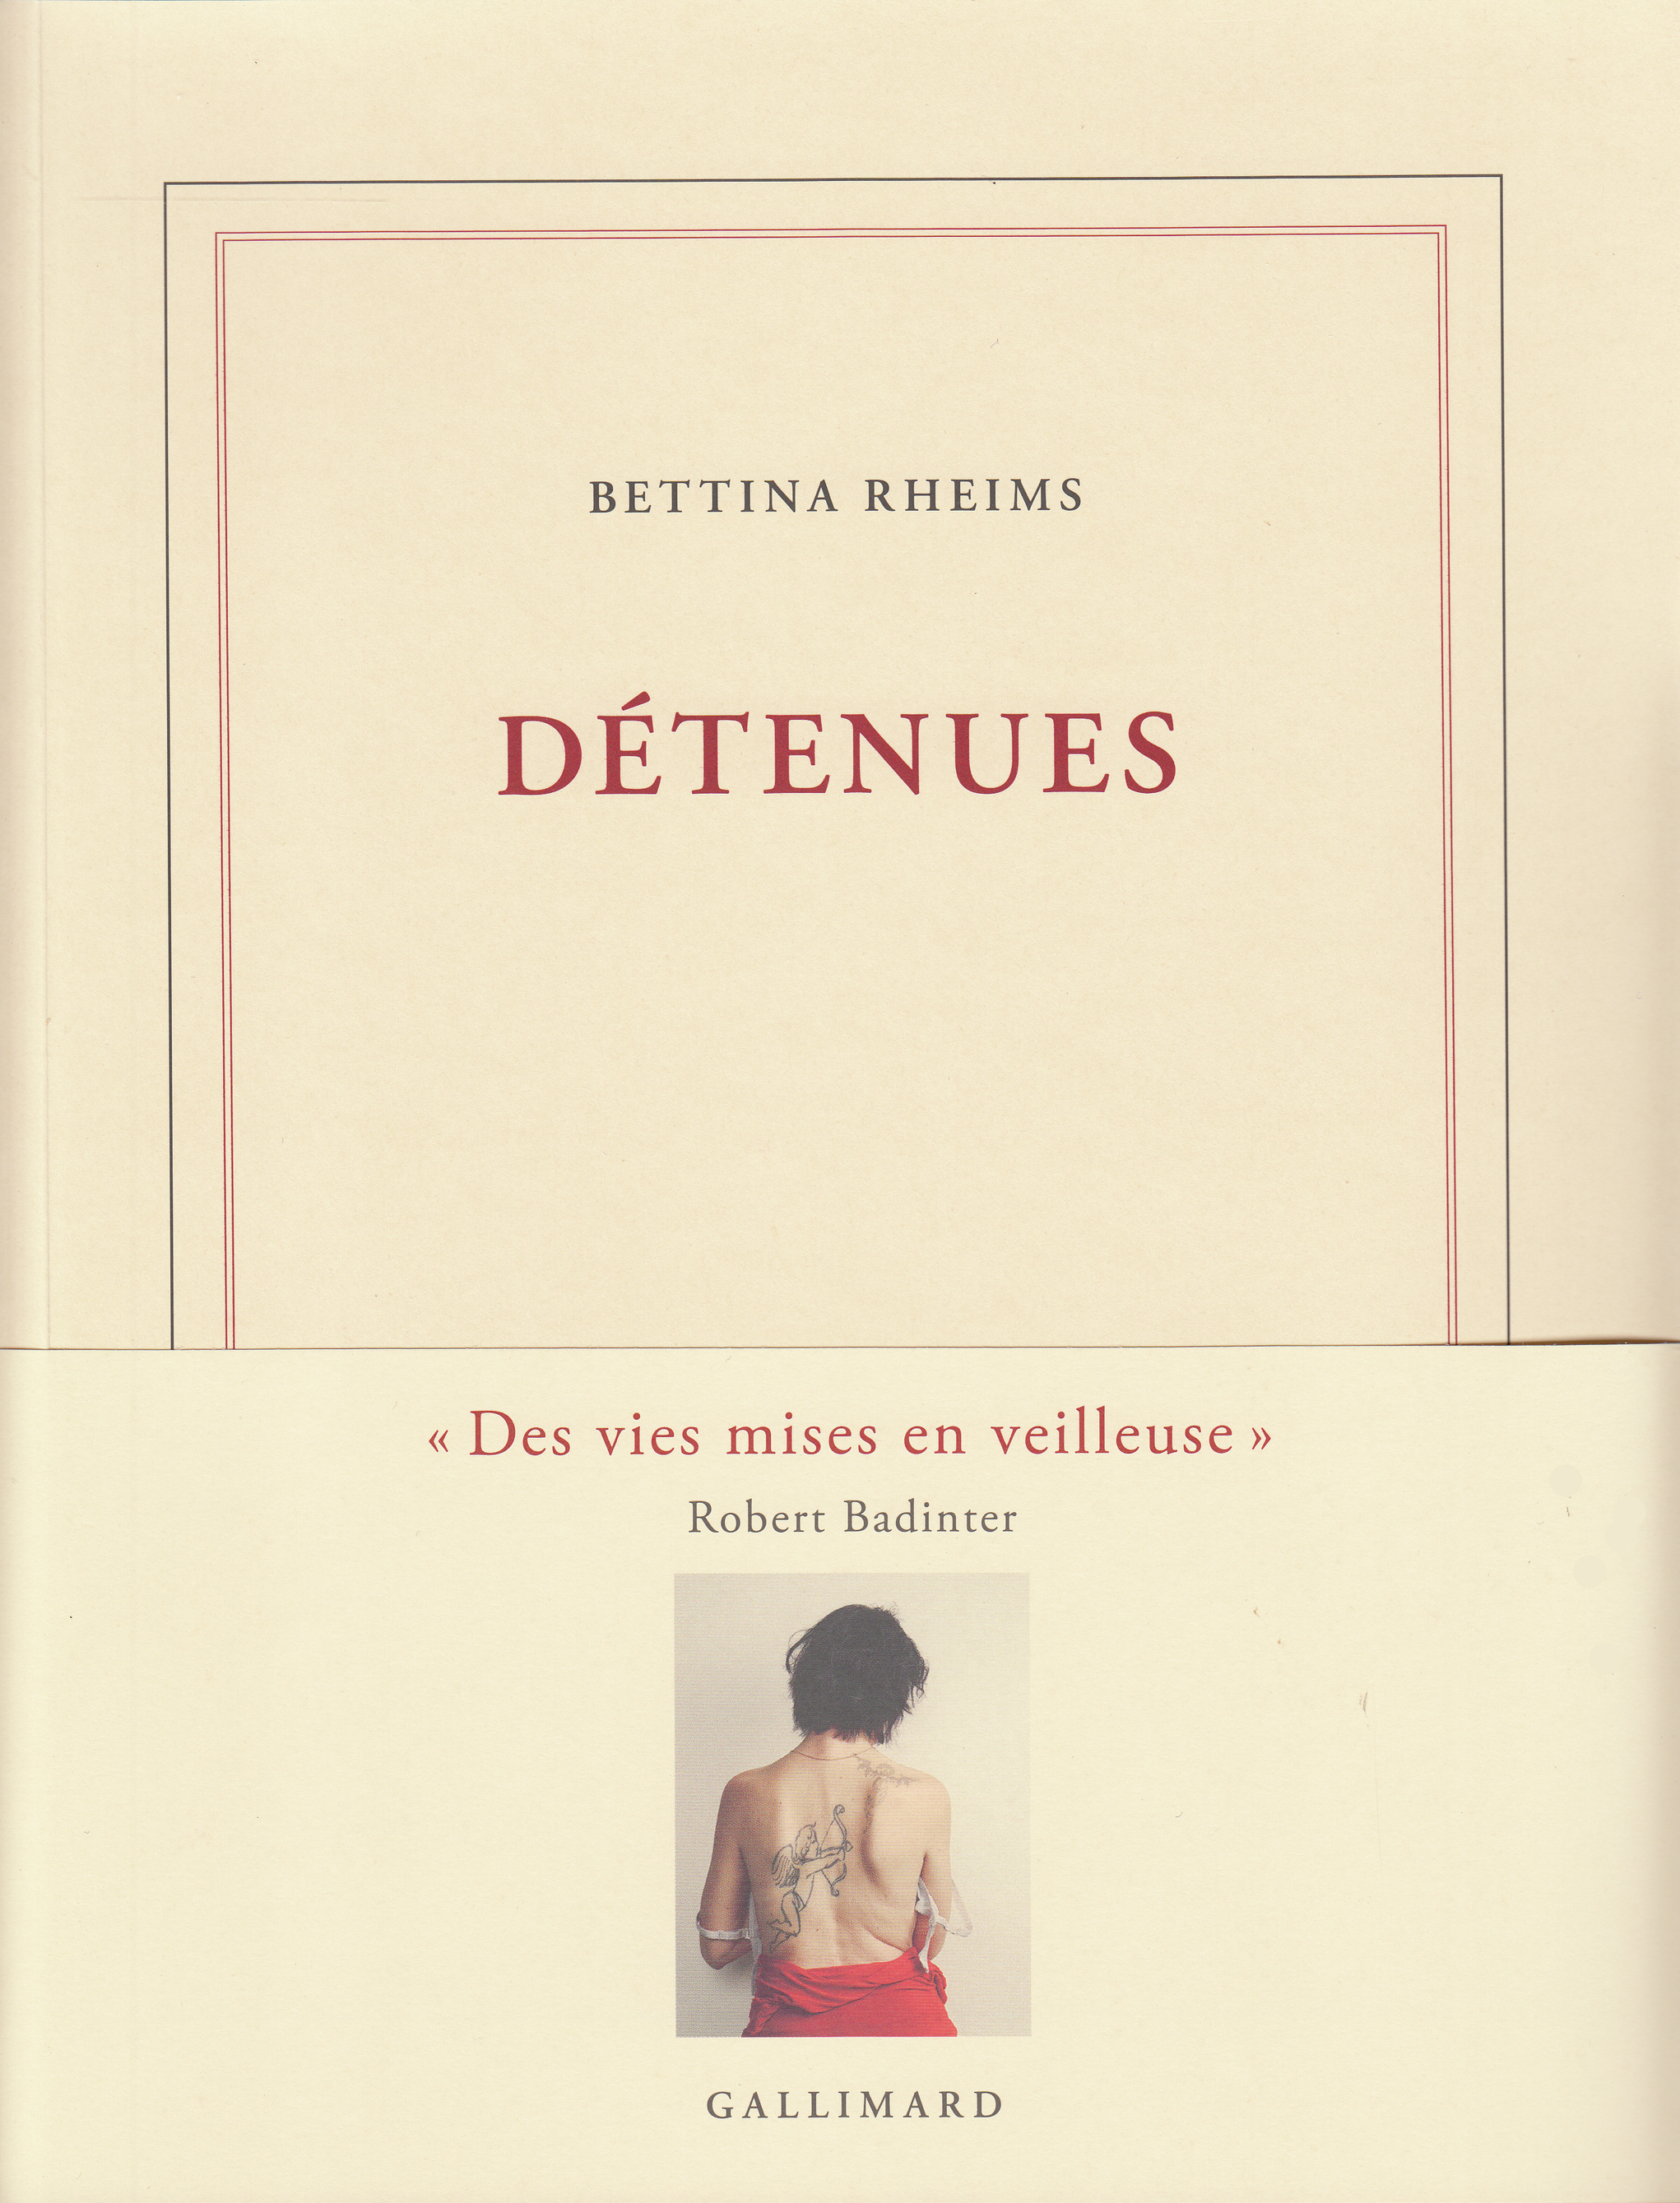 Detenues Blanche Gallimard Site Gallimard